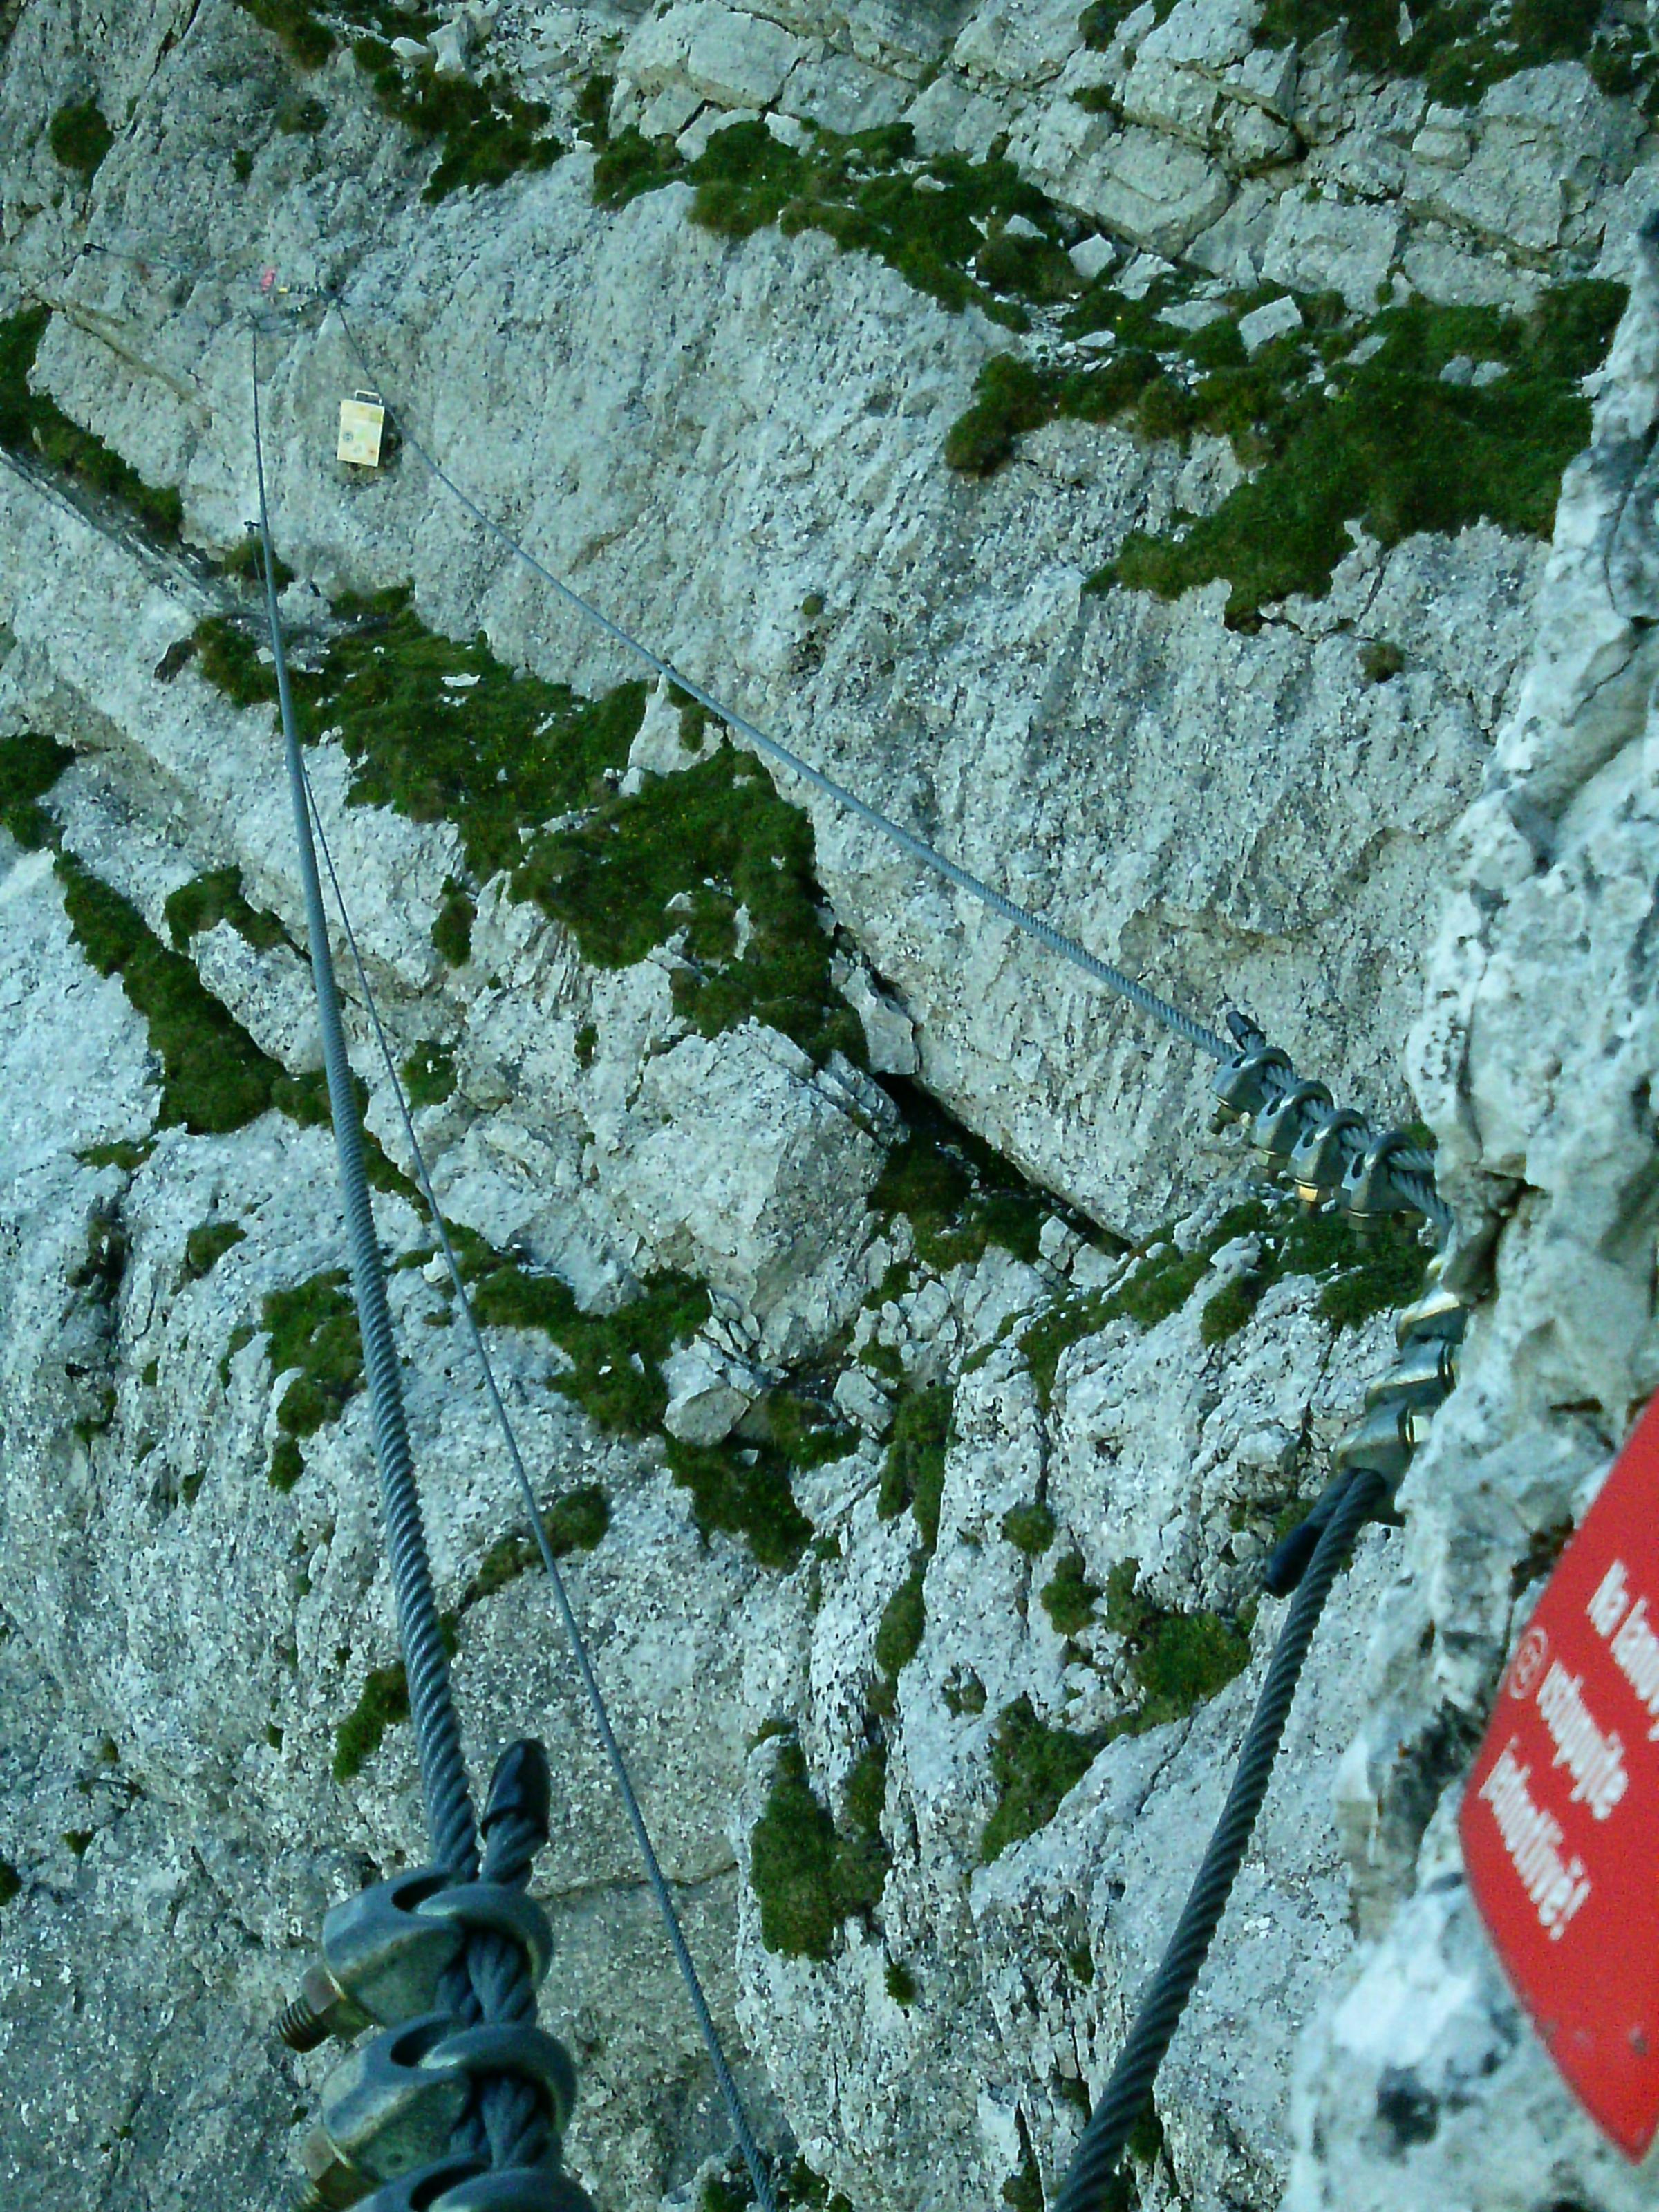 hochkar-heli-kraft-klettersteig-21-.jpg